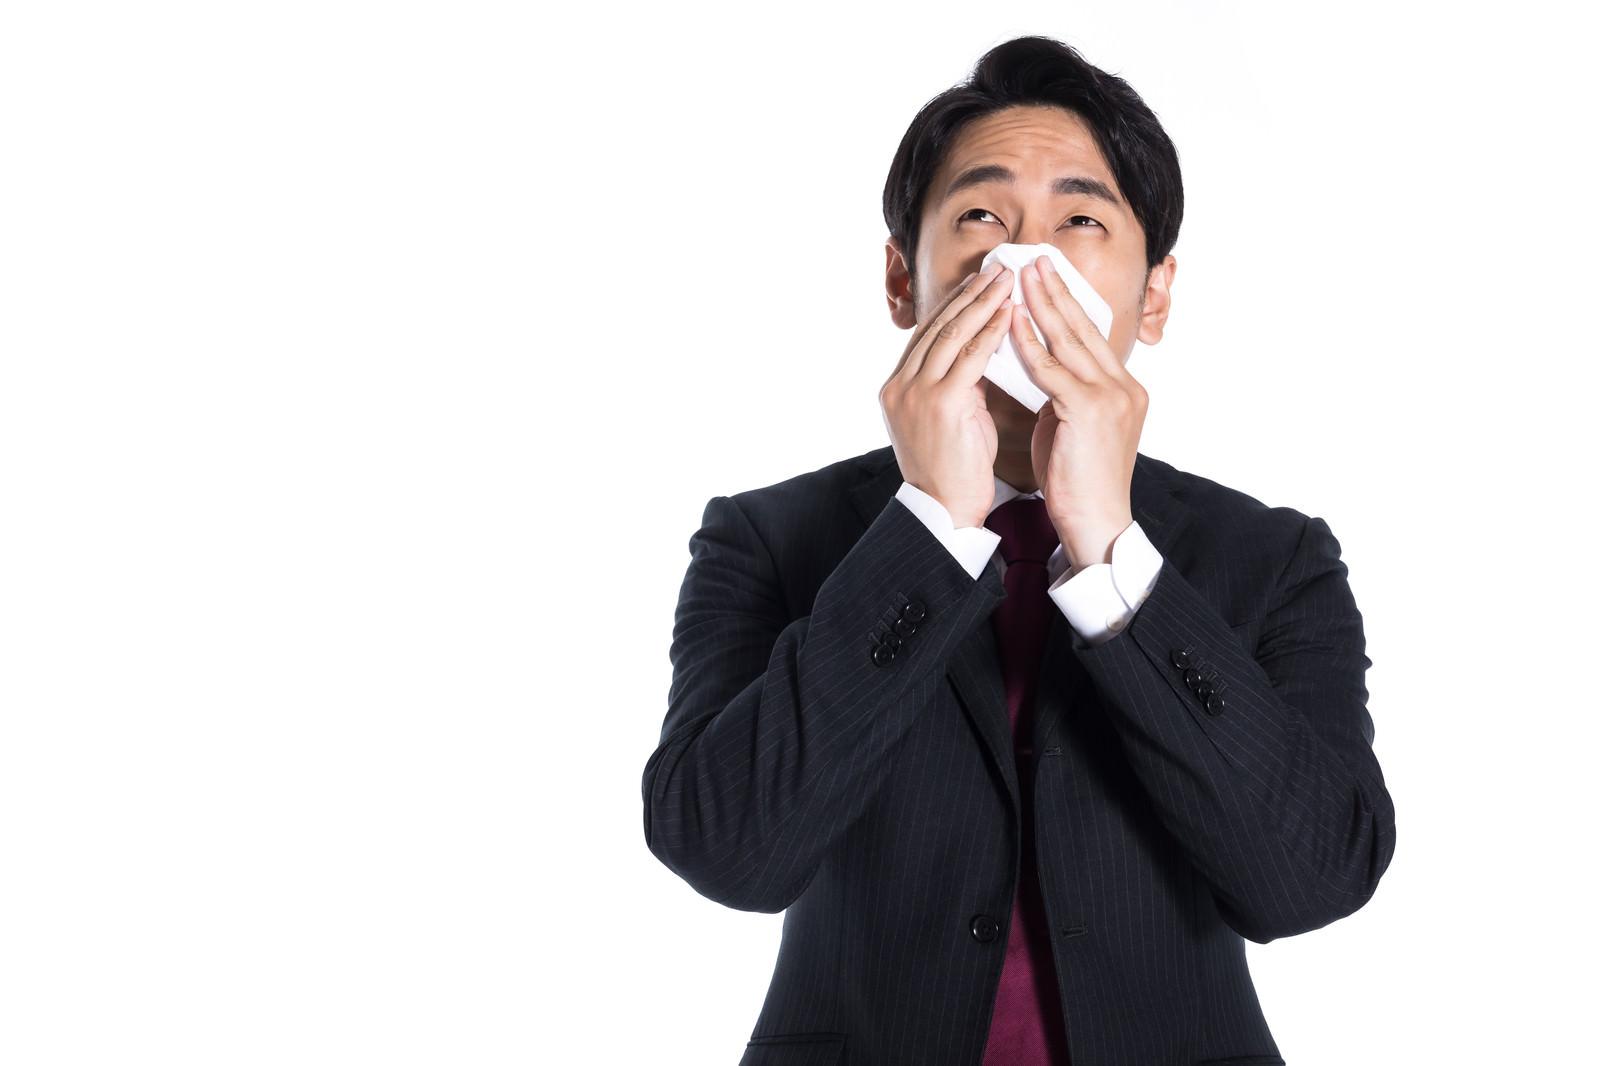 「花粉症で鼻を押さえる会社員」の写真[モデル:大川竜弥]